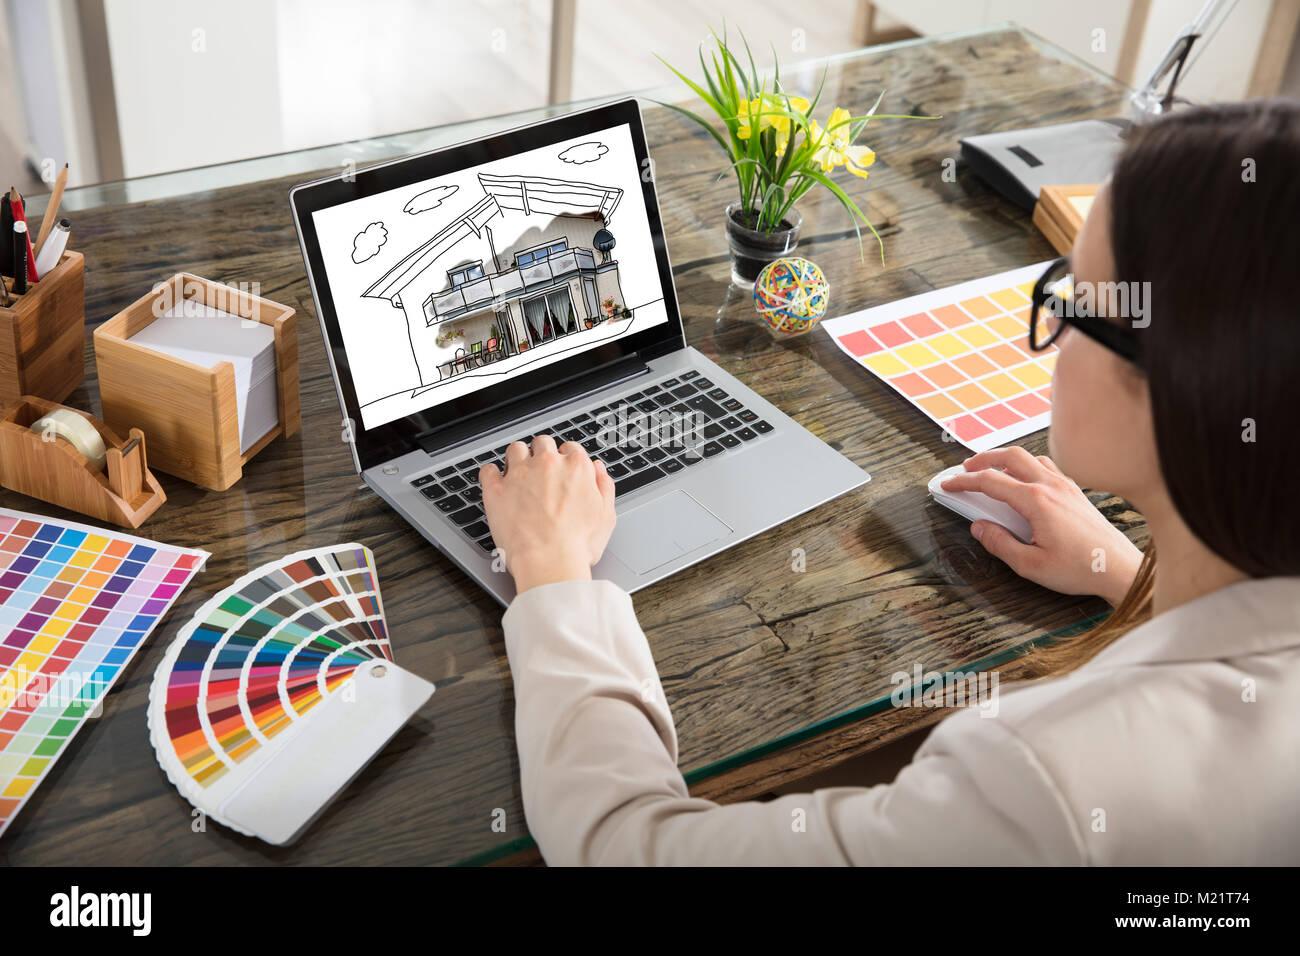 Ein Architekt Arbeiten mit Farbmuster für Auswahl mit Laptop Stockbild